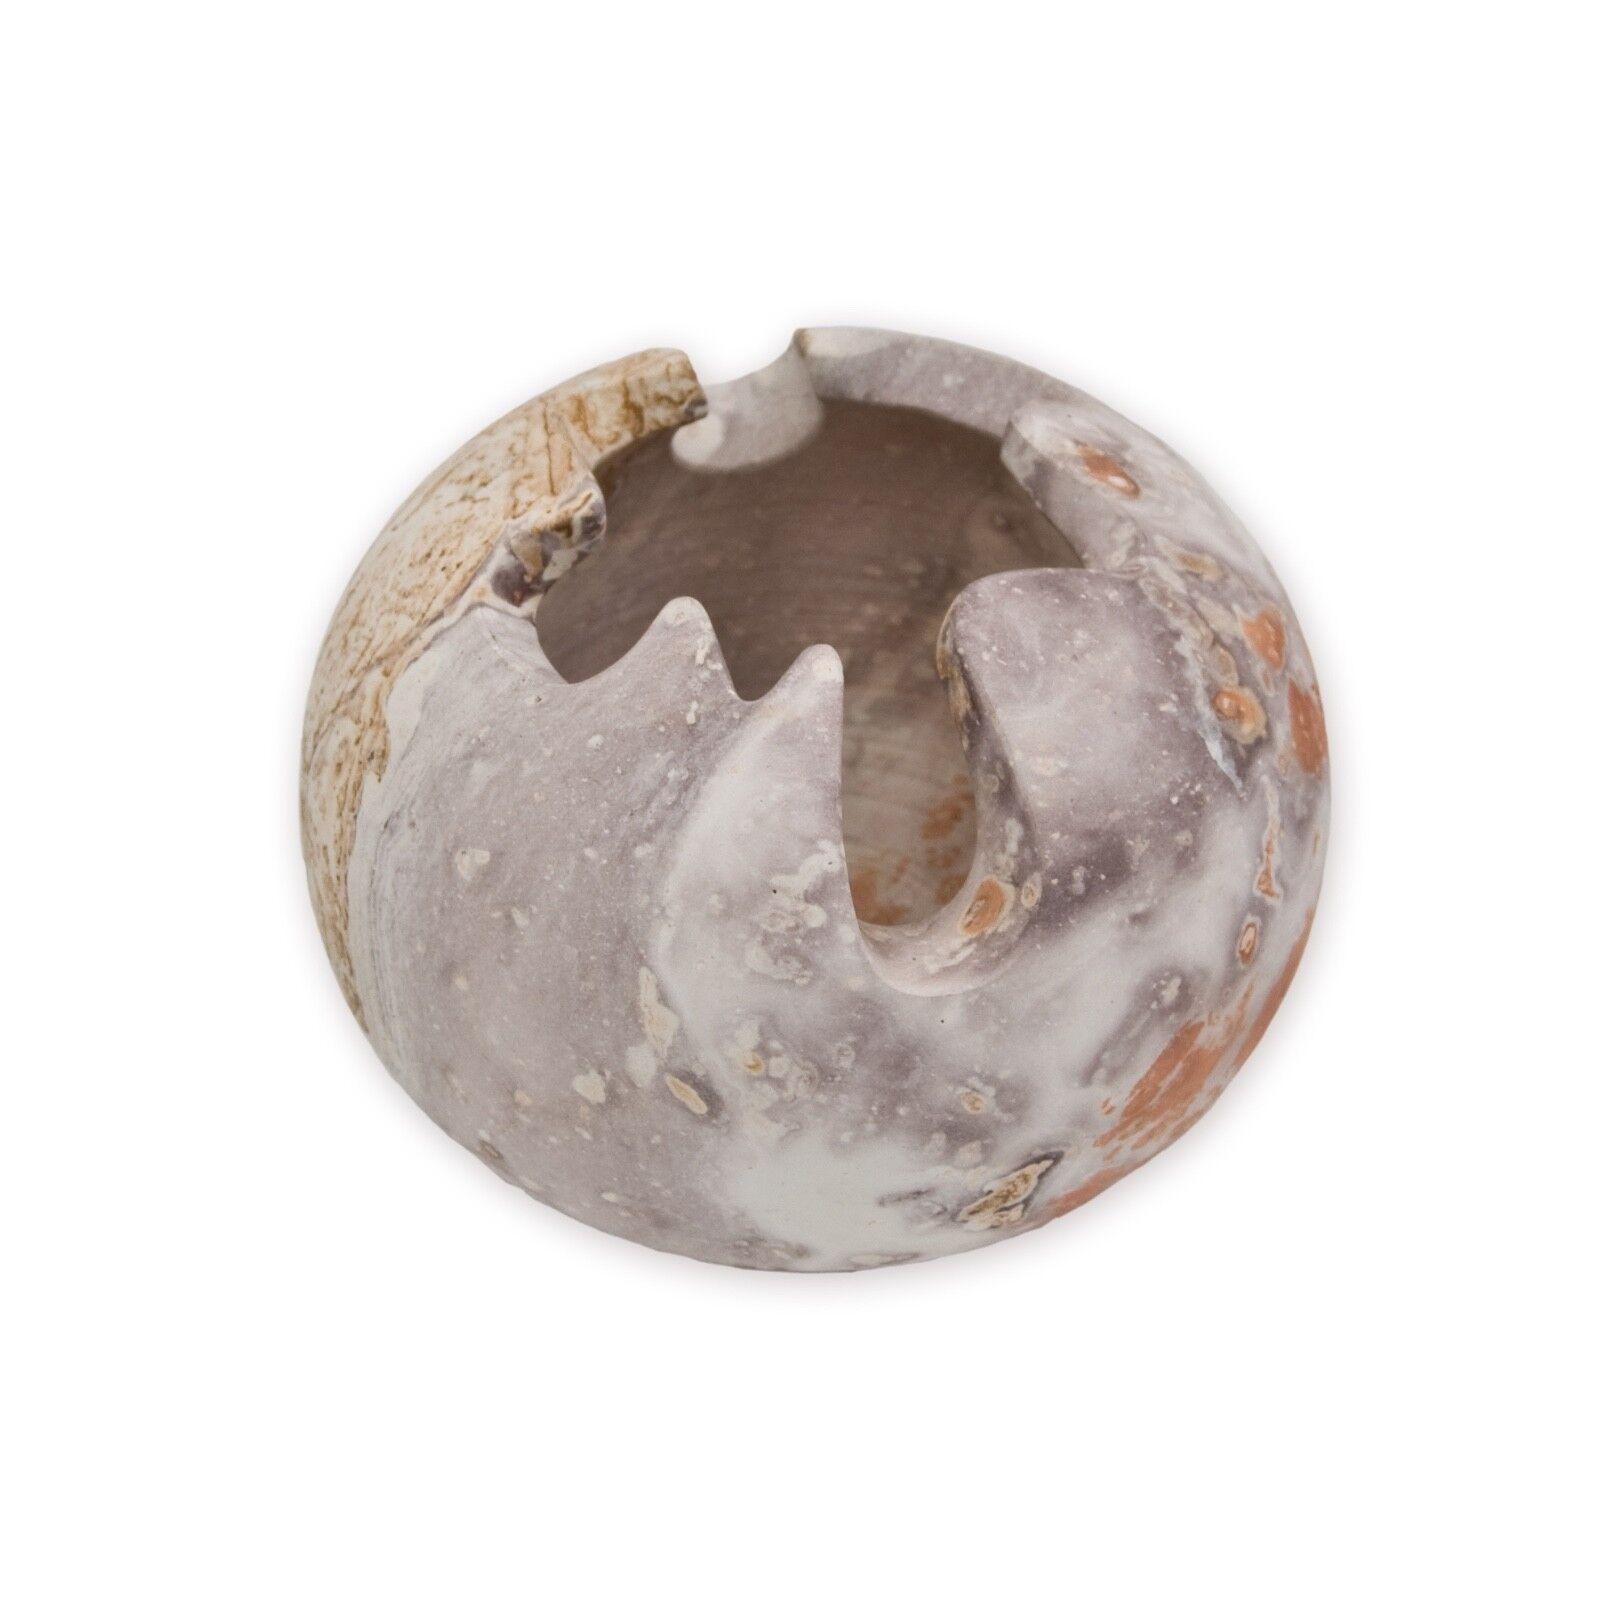 Vase Sandstein Blumenvase Mehrfarbig Sand Stein Bunt Handarbeit Deko Dekoration